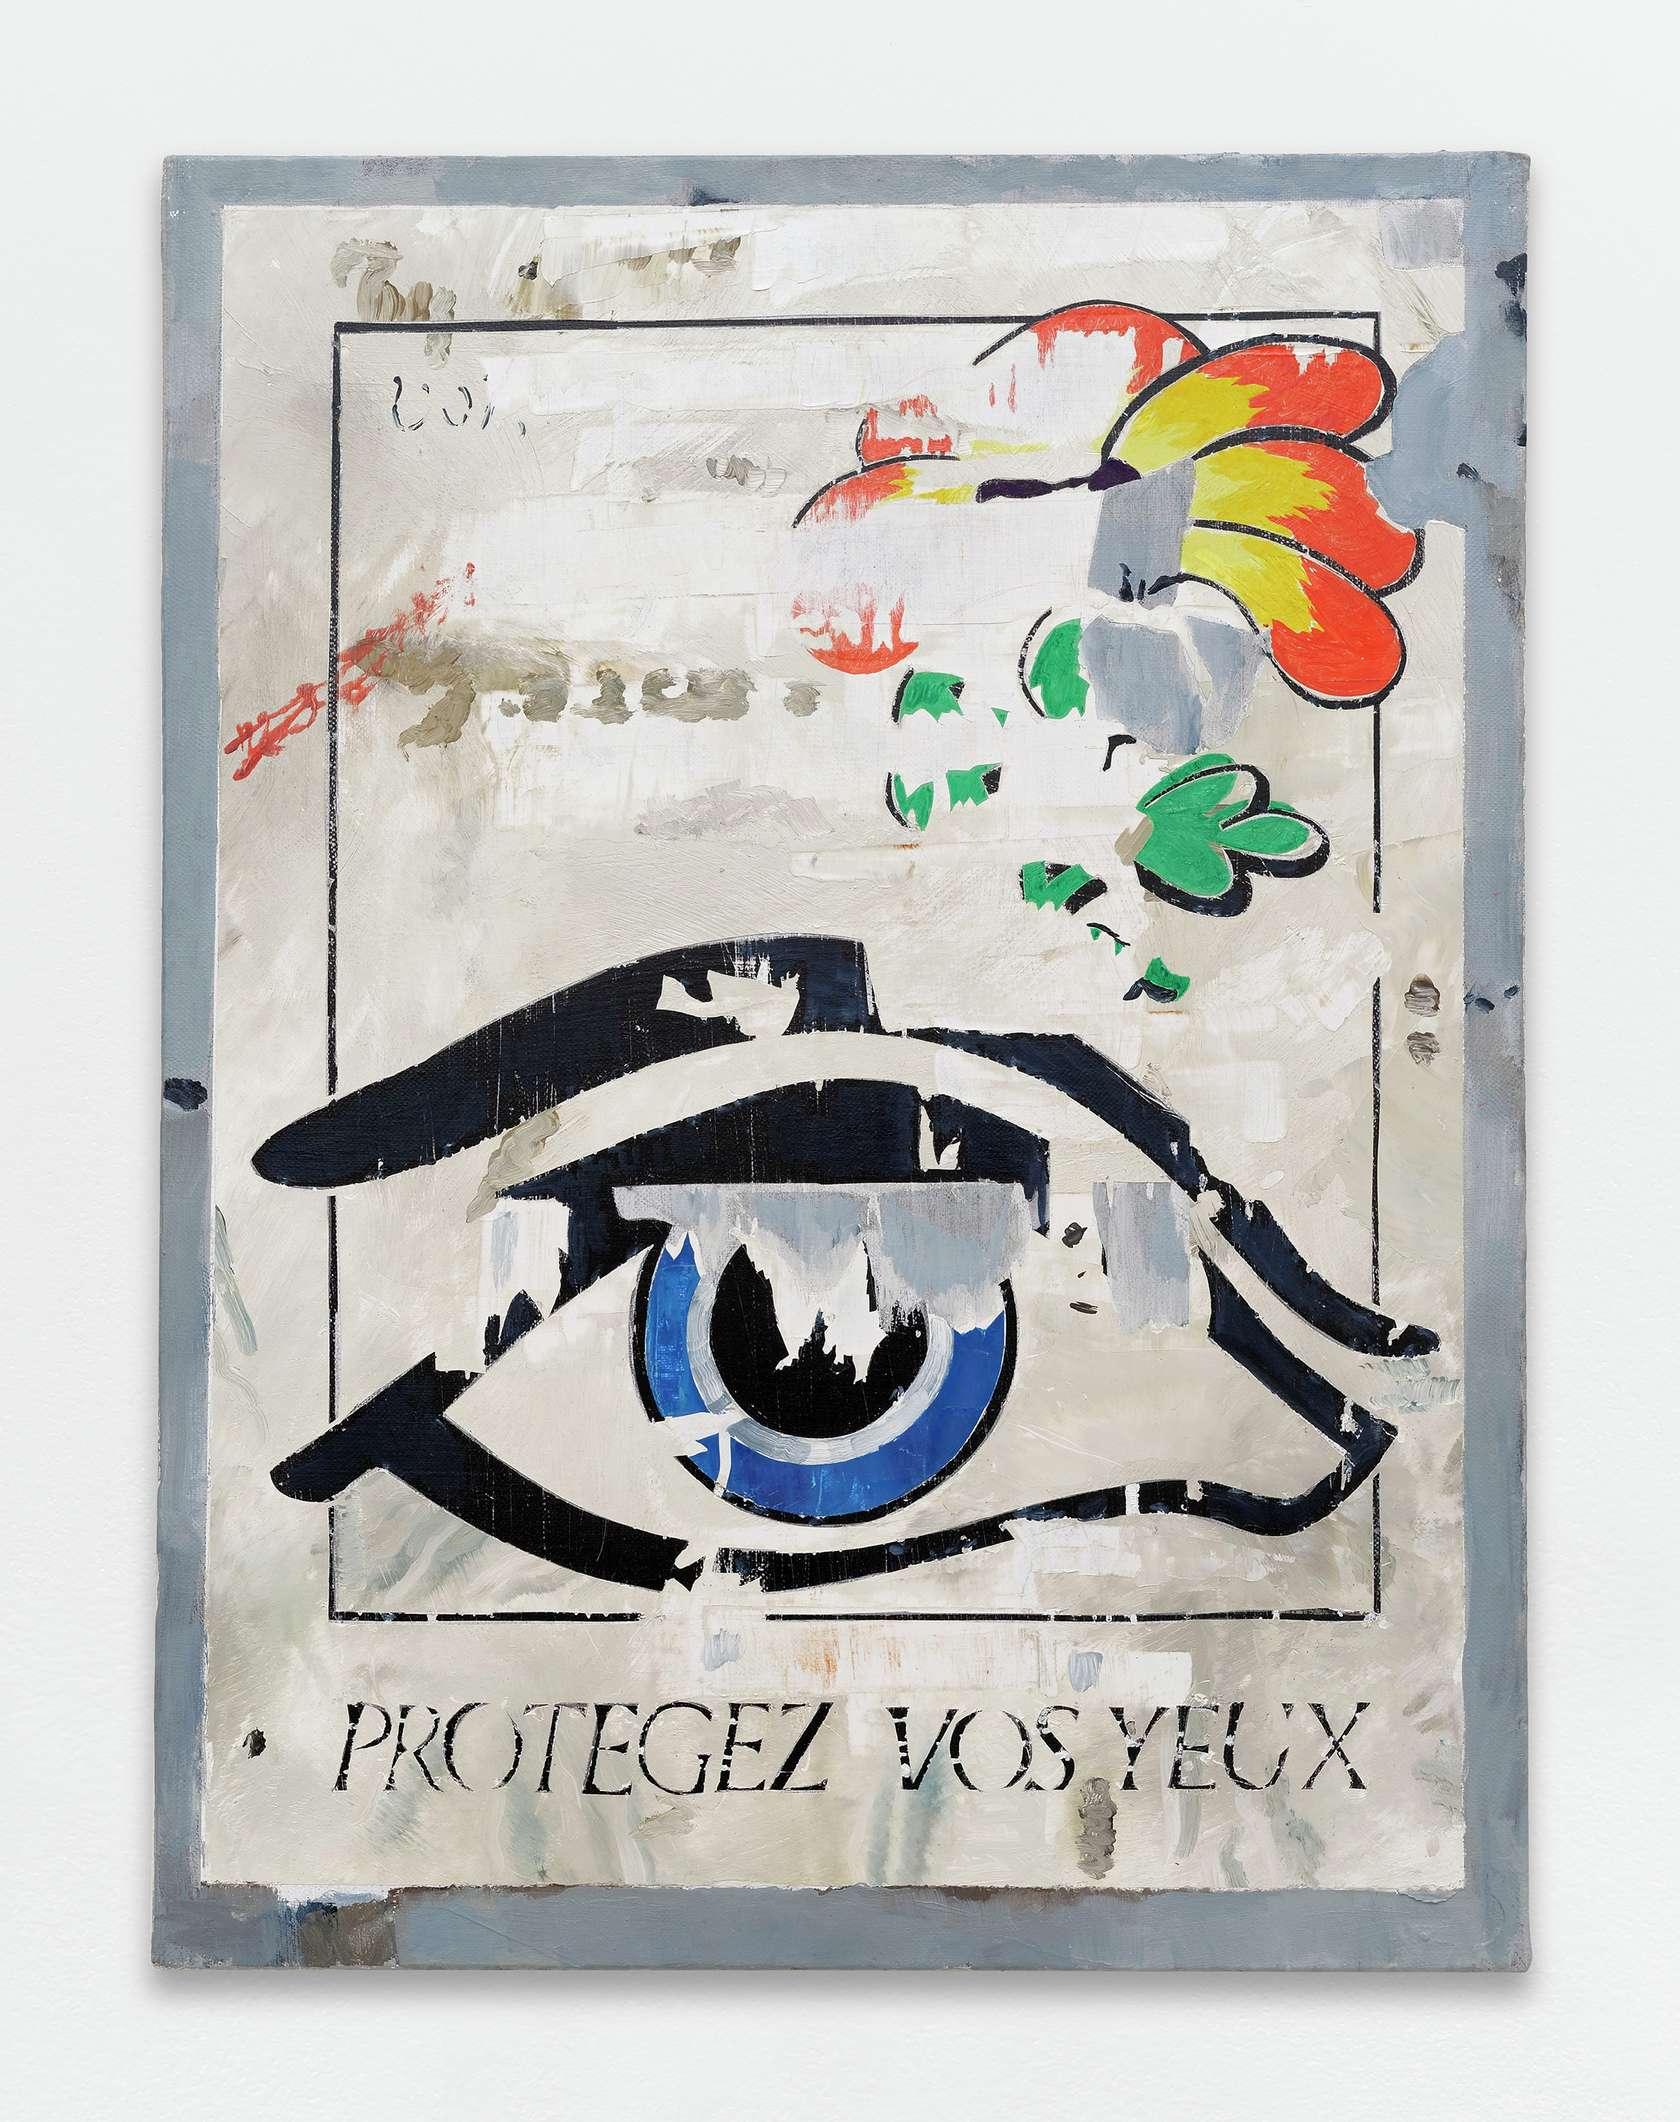 Laurent Proux, Protégez vos yeux, 2017 Huile sur toile61.5 x 46 cm / 24 2/8 x 18 1/8 inches